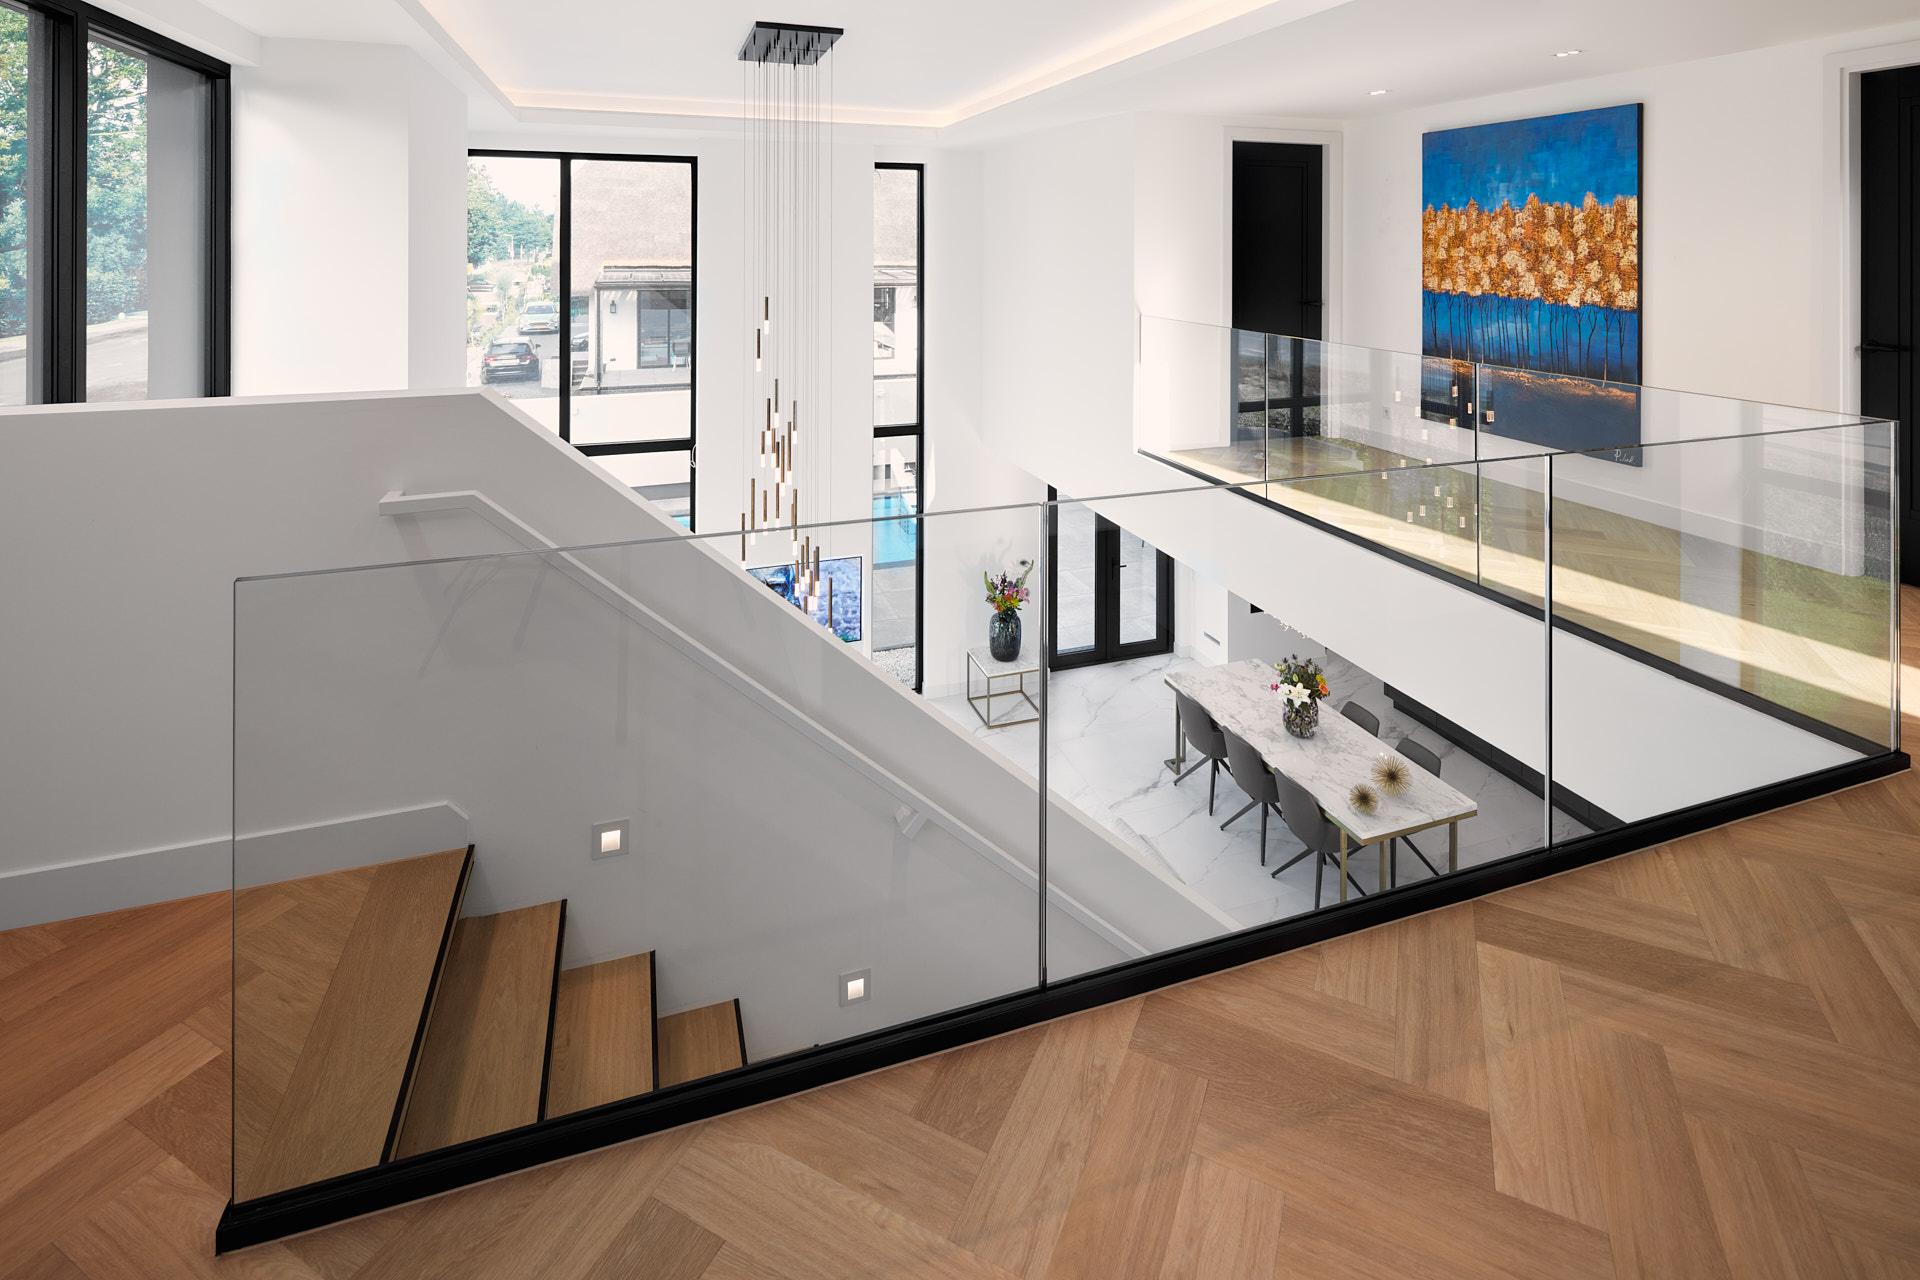 Houten visgraatvloer met vide en kroonluchter bij woonkamer door interieurarchitect Maxim Winkelaar.